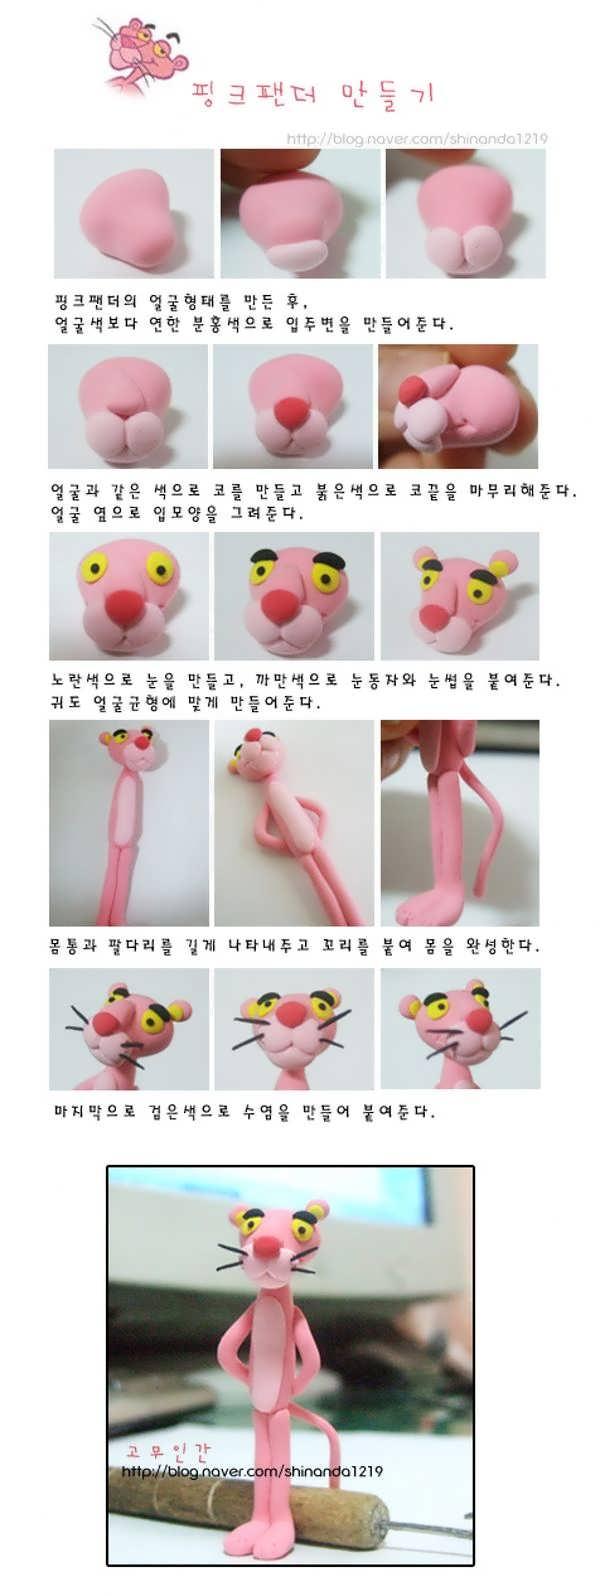 ساخت عروسک با خمیر چینی